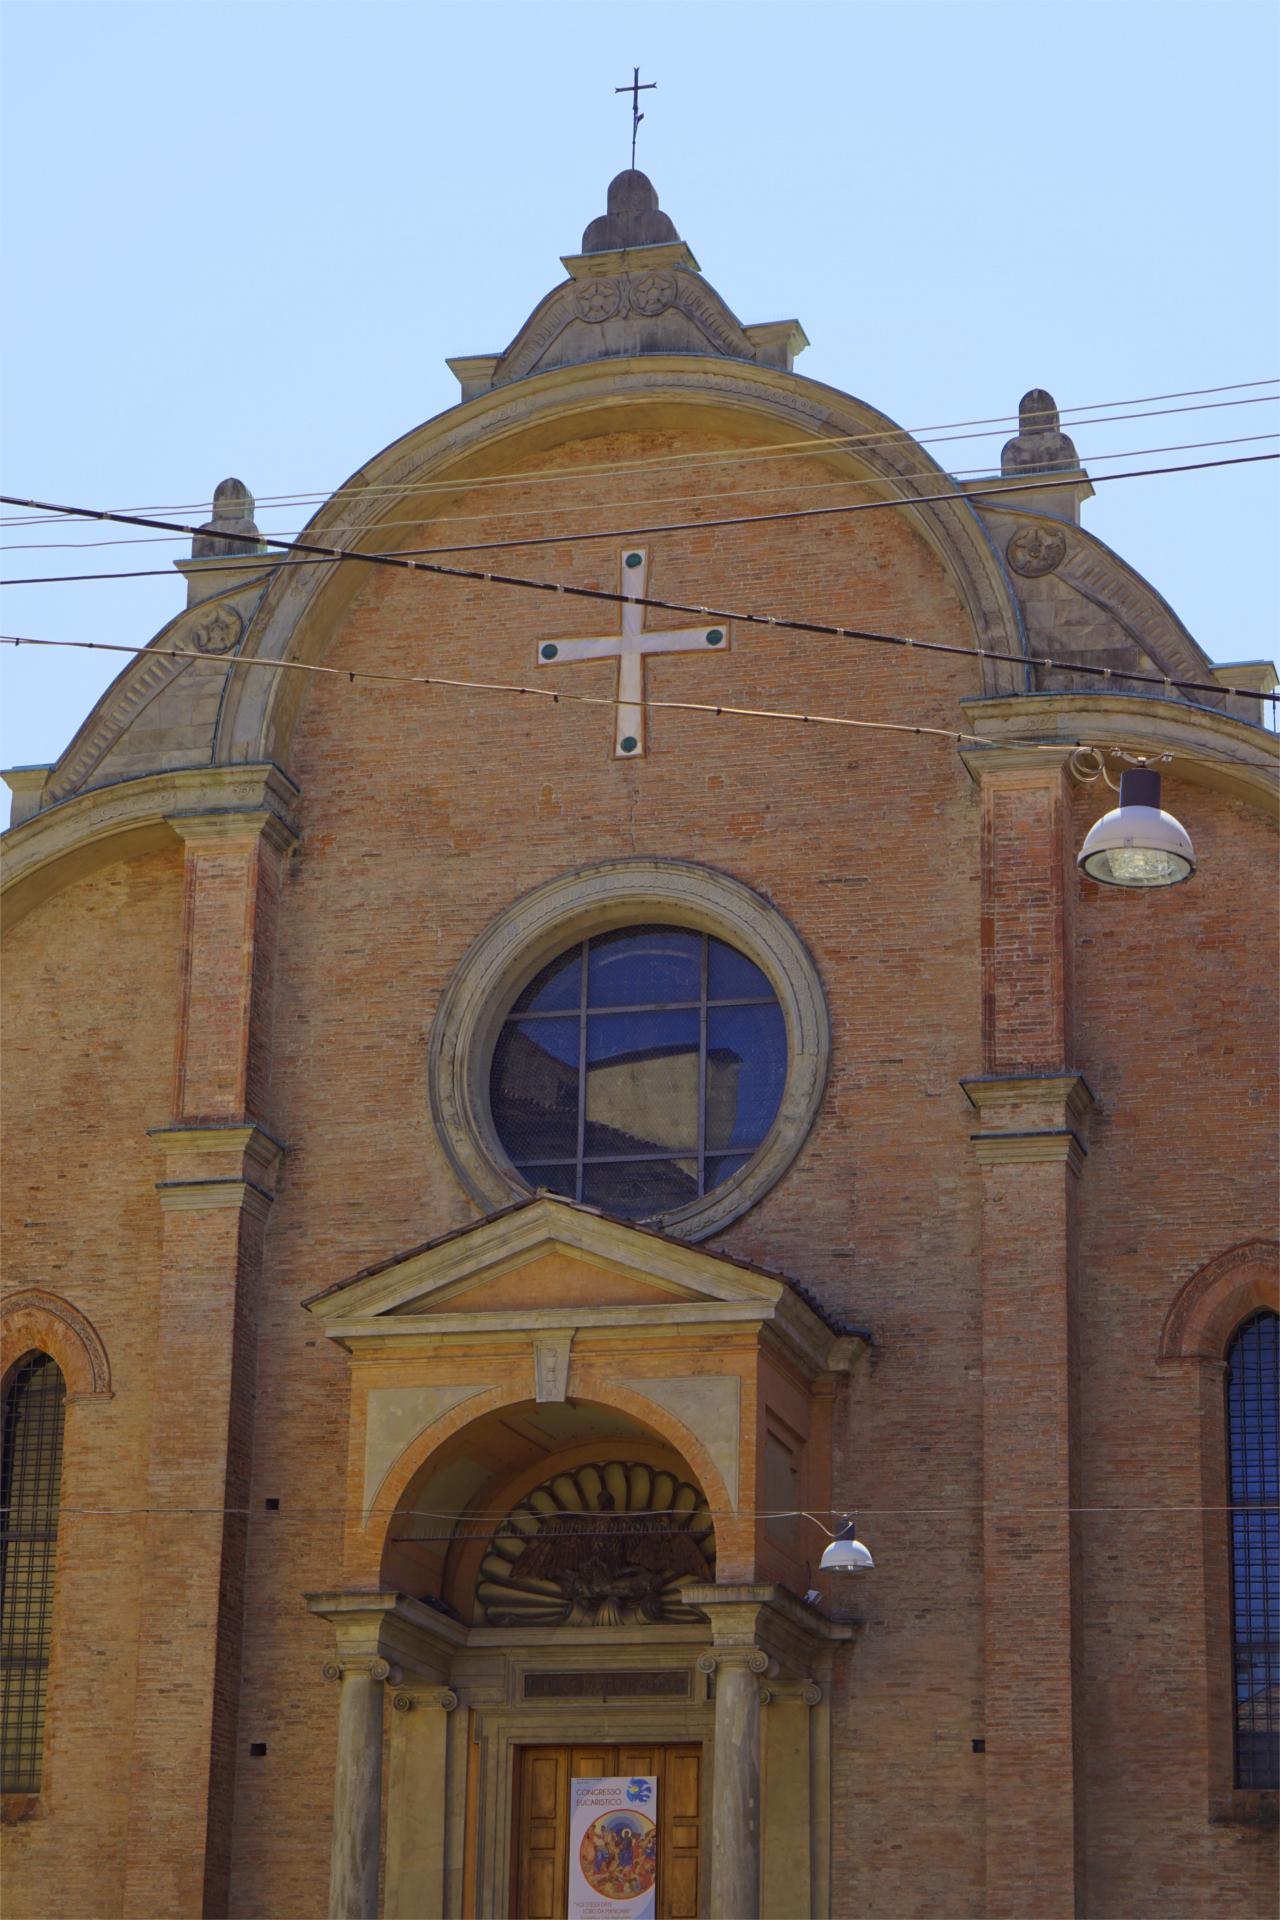 Fassade von San Giovanni in Monte, Bologna (Während der euare 2017 aufgenommen)